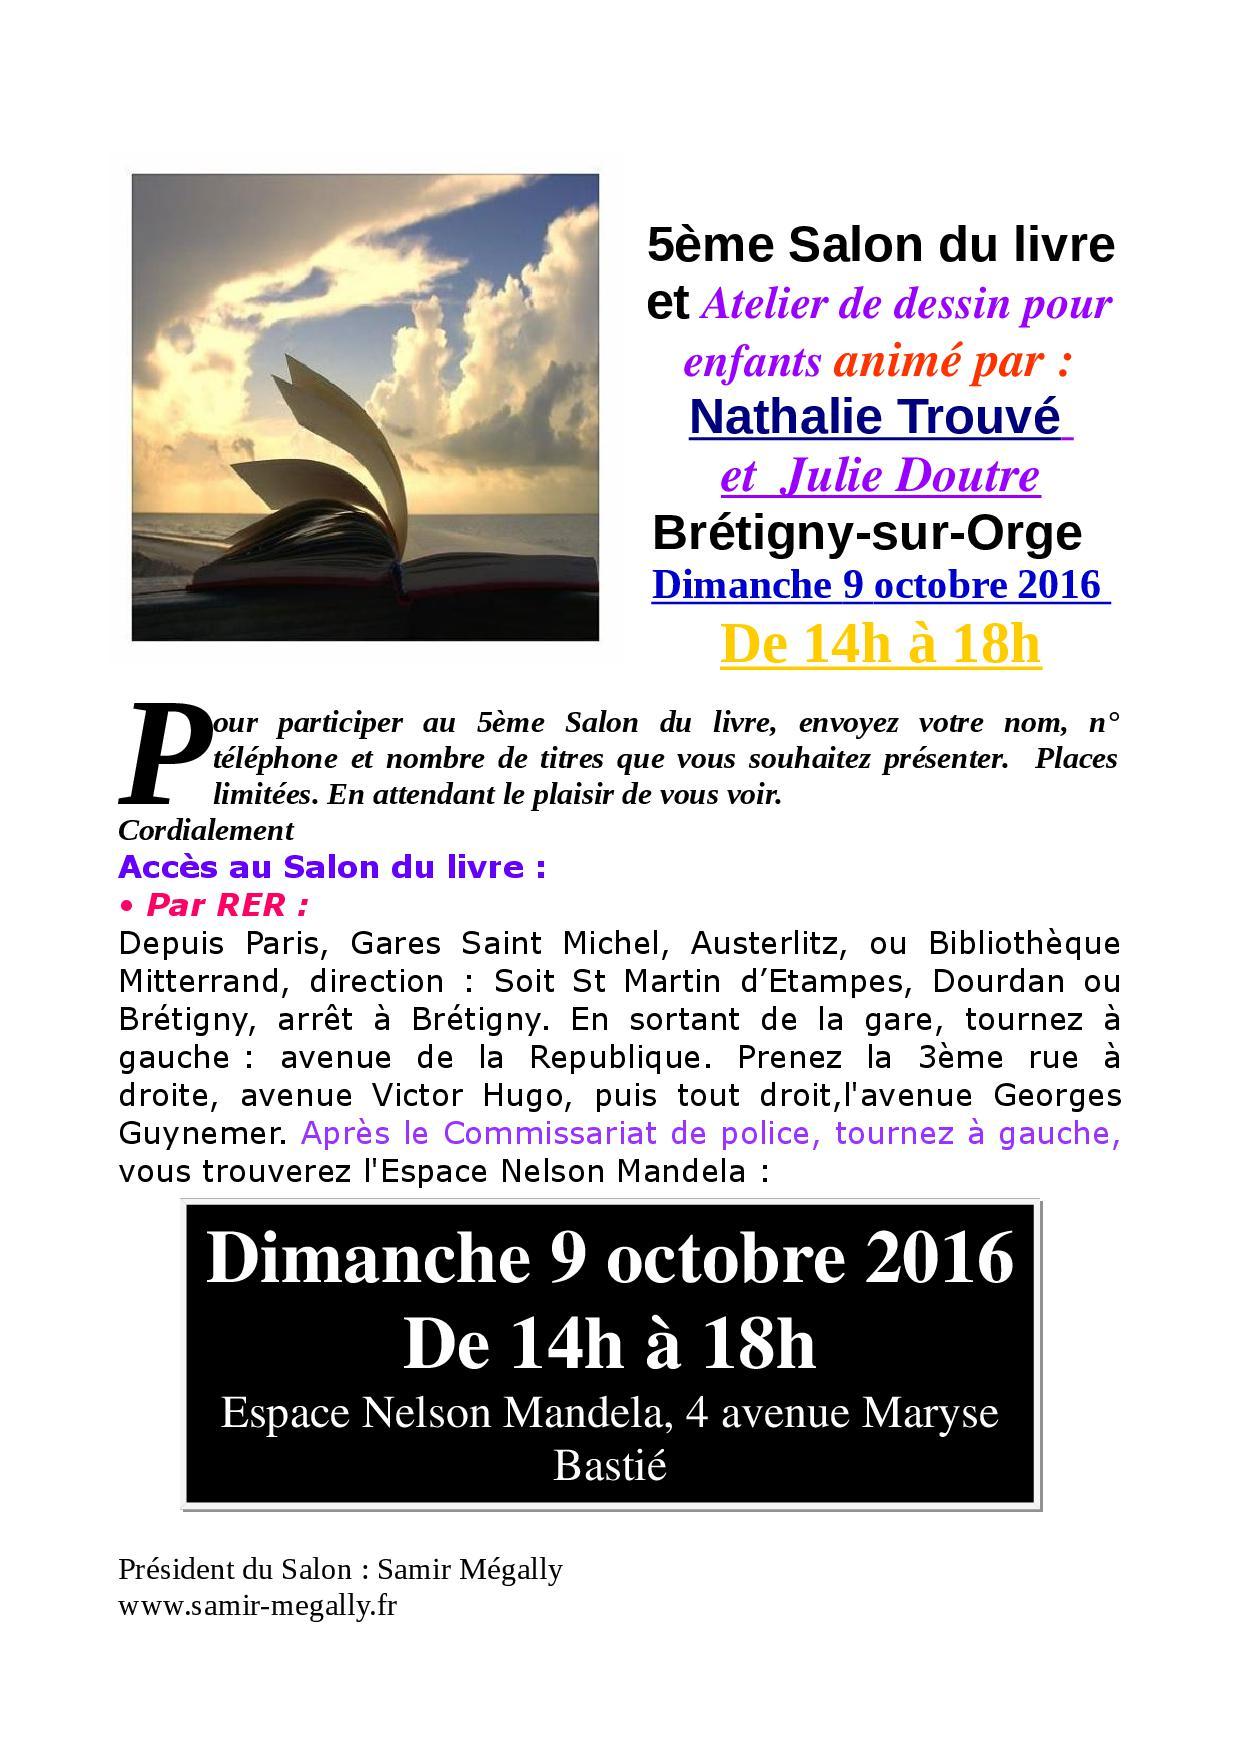 5ème salon du livre le 9 octobre 2016. atelier.jpg +(1)